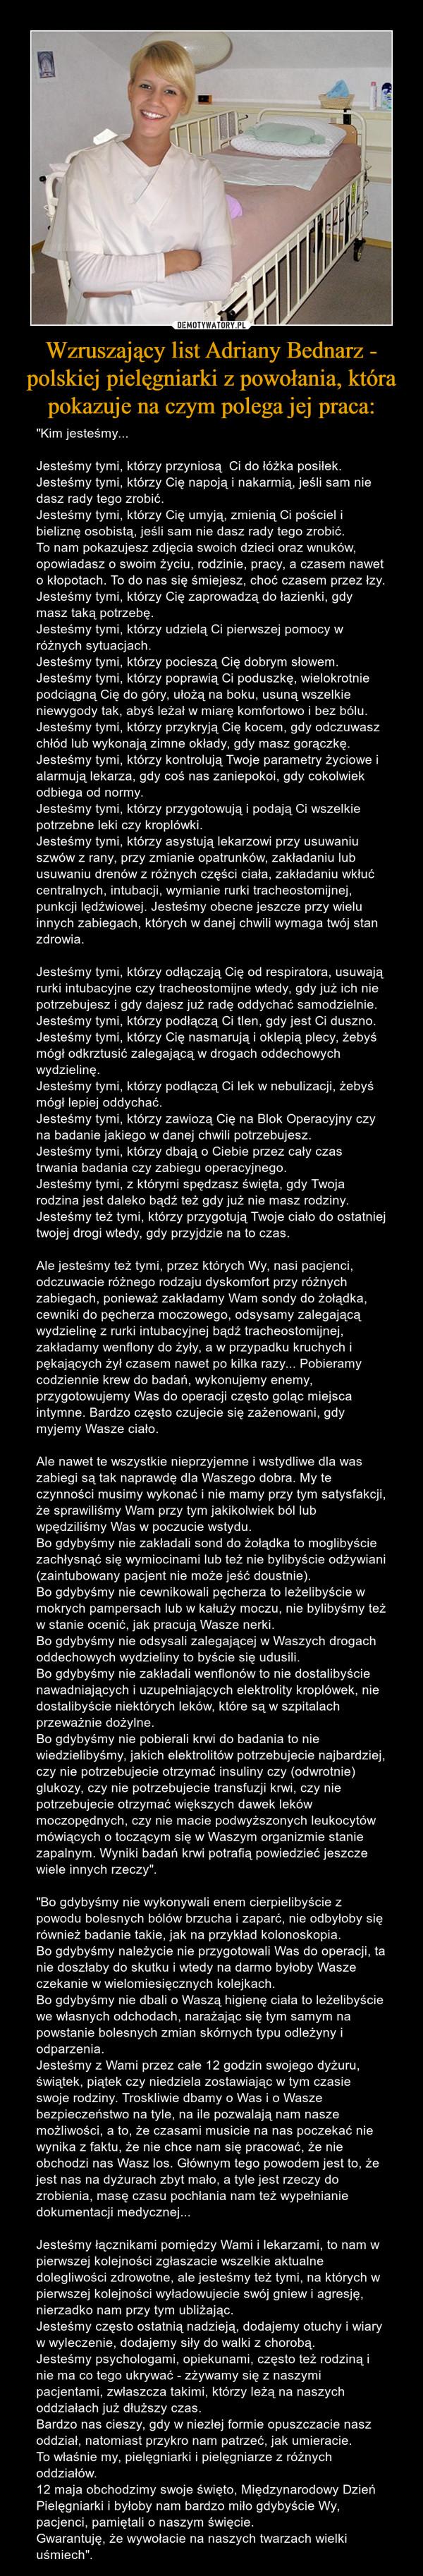 """Wzruszający list Adriany Bednarz - polskiej pielęgniarki z powołania, która pokazuje na czym polega jej praca: – """"Kim jesteśmy... Jesteśmy tymi, którzy przyniosą  Ci do łóżka posiłek.Jesteśmy tymi, którzy Cię napoją i nakarmią, jeśli sam nie dasz rady tego zrobić.Jesteśmy tymi, którzy Cię umyją, zmienią Ci pościel i bieliznę osobistą, jeśli sam nie dasz rady tego zrobić.To nam pokazujesz zdjęcia swoich dzieci oraz wnuków, opowiadasz o swoim życiu, rodzinie, pracy, a czasem nawet o kłopotach. To do nas się śmiejesz, choć czasem przez łzy.Jesteśmy tymi, którzy Cię zaprowadzą do łazienki, gdy masz taką potrzebę.Jesteśmy tymi, którzy udzielą Ci pierwszej pomocy w różnych sytuacjach.Jesteśmy tymi, którzy pocieszą Cię dobrym słowem.Jesteśmy tymi, którzy poprawią Ci poduszkę, wielokrotnie podciągną Cię do góry, ułożą na boku, usuną wszelkie niewygody tak, abyś leżał w miarę komfortowo i bez bólu.Jesteśmy tymi, którzy przykryją Cię kocem, gdy odczuwasz chłód lub wykonają zimne okłady, gdy masz gorączkę.Jesteśmy tymi, którzy kontrolują Twoje parametry życiowe i alarmują lekarza, gdy coś nas zaniepokoi, gdy cokolwiek odbiega od normy.Jesteśmy tymi, którzy przygotowują i podają Ci wszelkie potrzebne leki czy kroplówki.Jesteśmy tymi, którzy asystują lekarzowi przy usuwaniu szwów z rany, przy zmianie opatrunków, zakładaniu lub usuwaniu drenów z różnych części ciała, zakładaniu wkłuć centralnych, intubacji, wymianie rurki tracheostomijnej, punkcji lędźwiowej. Jesteśmy obecne jeszcze przy wielu innych zabiegach, których w danej chwili wymaga twój stan zdrowia.Jesteśmy tymi, którzy odłączają Cię od respiratora, usuwają rurki intubacyjne czy tracheostomijne wtedy, gdy już ich nie potrzebujesz i gdy dajesz już radę oddychać samodzielnie. Jesteśmy tymi, którzy podłączą Ci tlen, gdy jest Ci duszno.Jesteśmy tymi, którzy Cię nasmarują i oklepią plecy, żebyś mógł odkrztusić zalegającą w drogach oddechowych wydzielinę.Jesteśmy tymi, którzy podłączą Ci lek w nebulizacji, żebyś mógł lepiej o"""